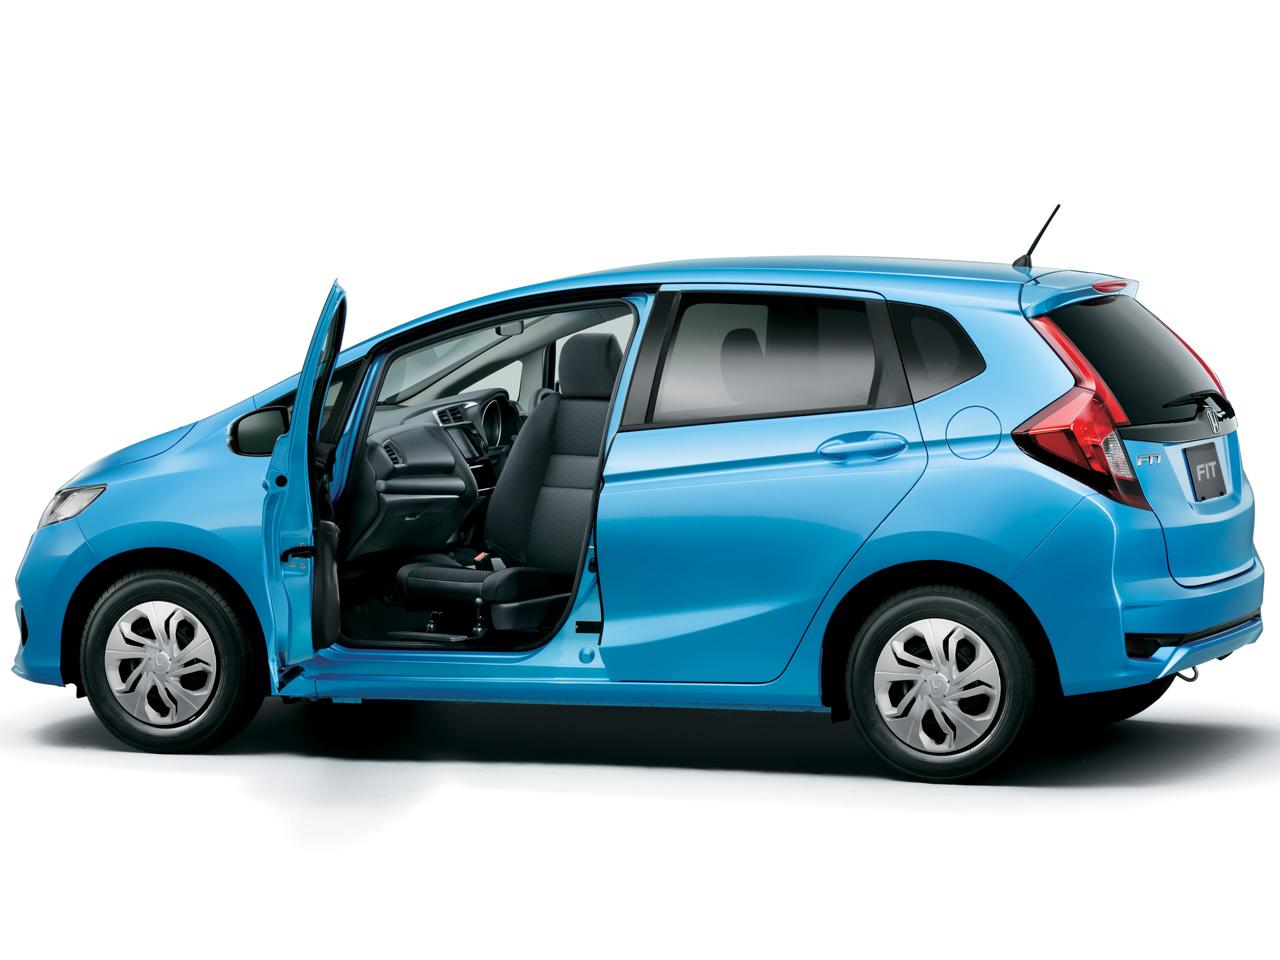 ホンダ フィット 福祉車両 2013年モデル 新車画像